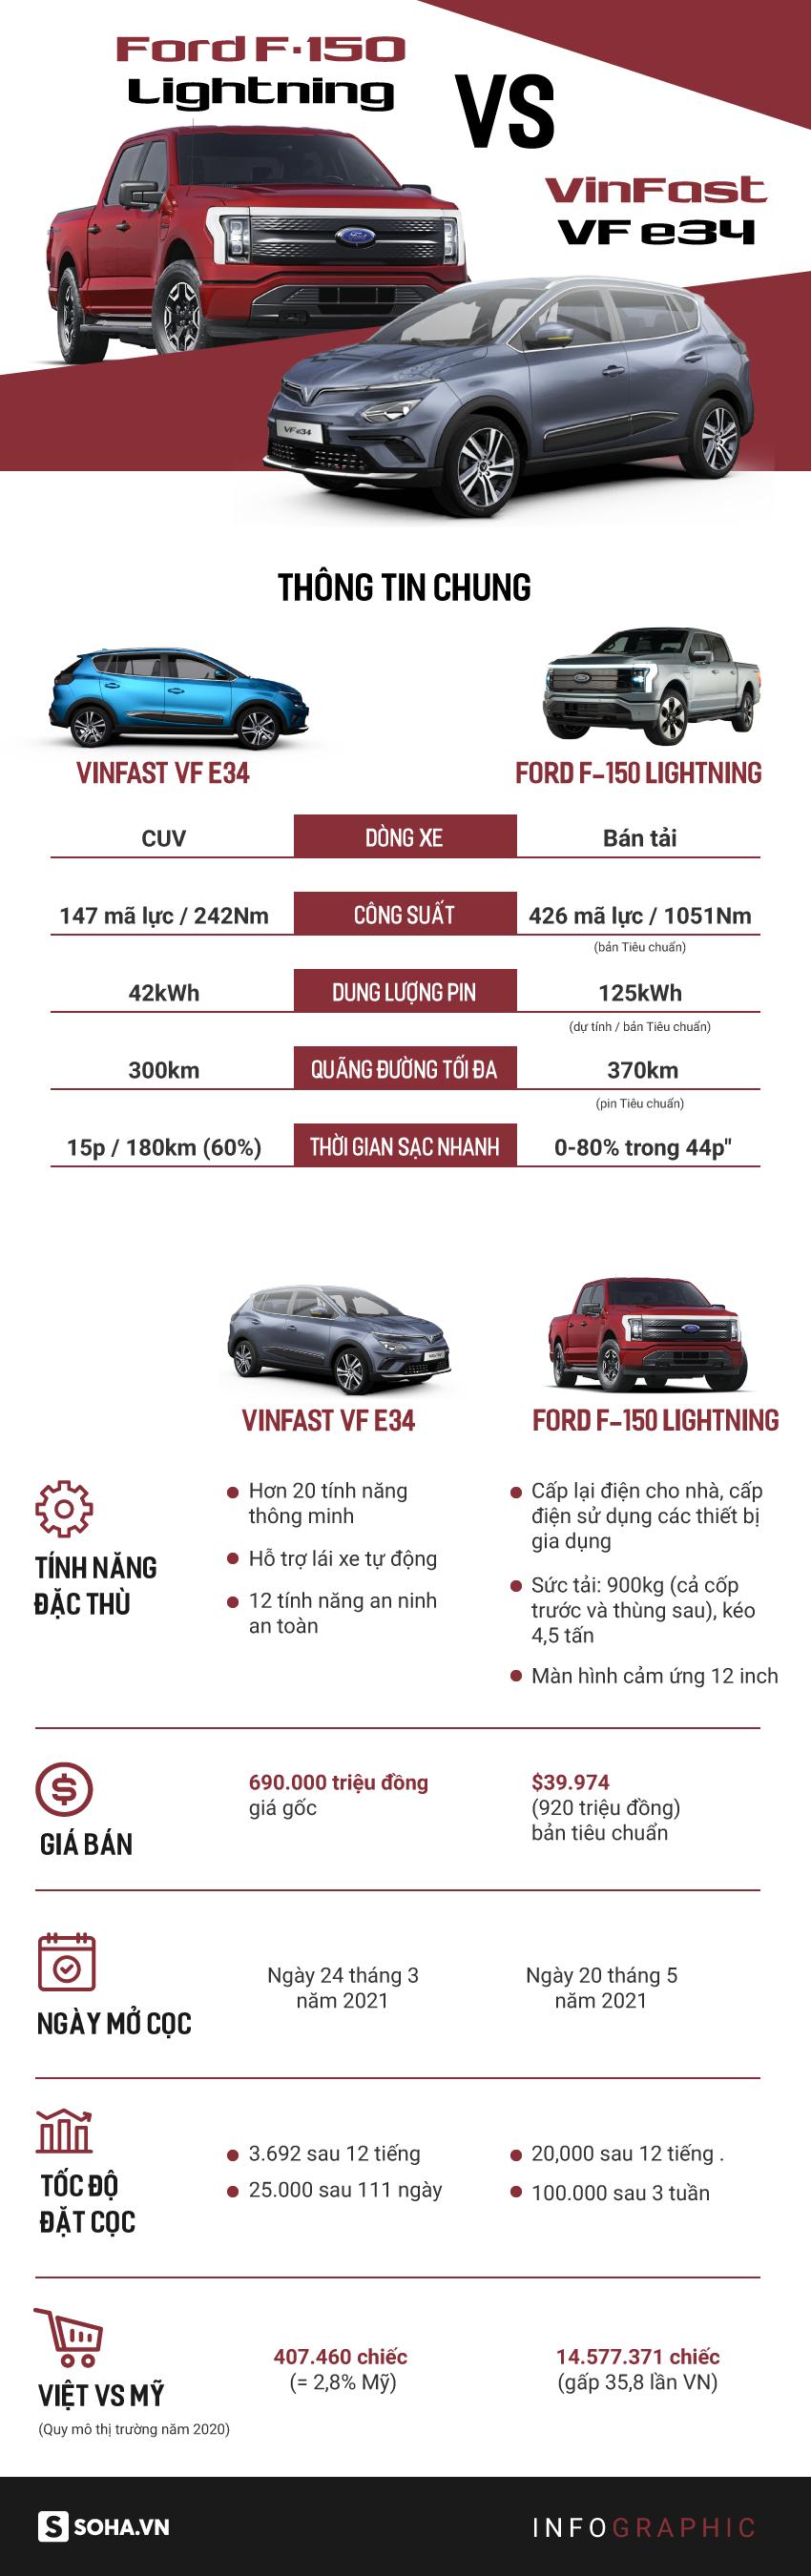 VinFast VF e34 chạm trán mẫu xe quốc hồn quốc túy Mỹ: Thật bất ngờ - tám lạng nửa cân! - Ảnh 1.